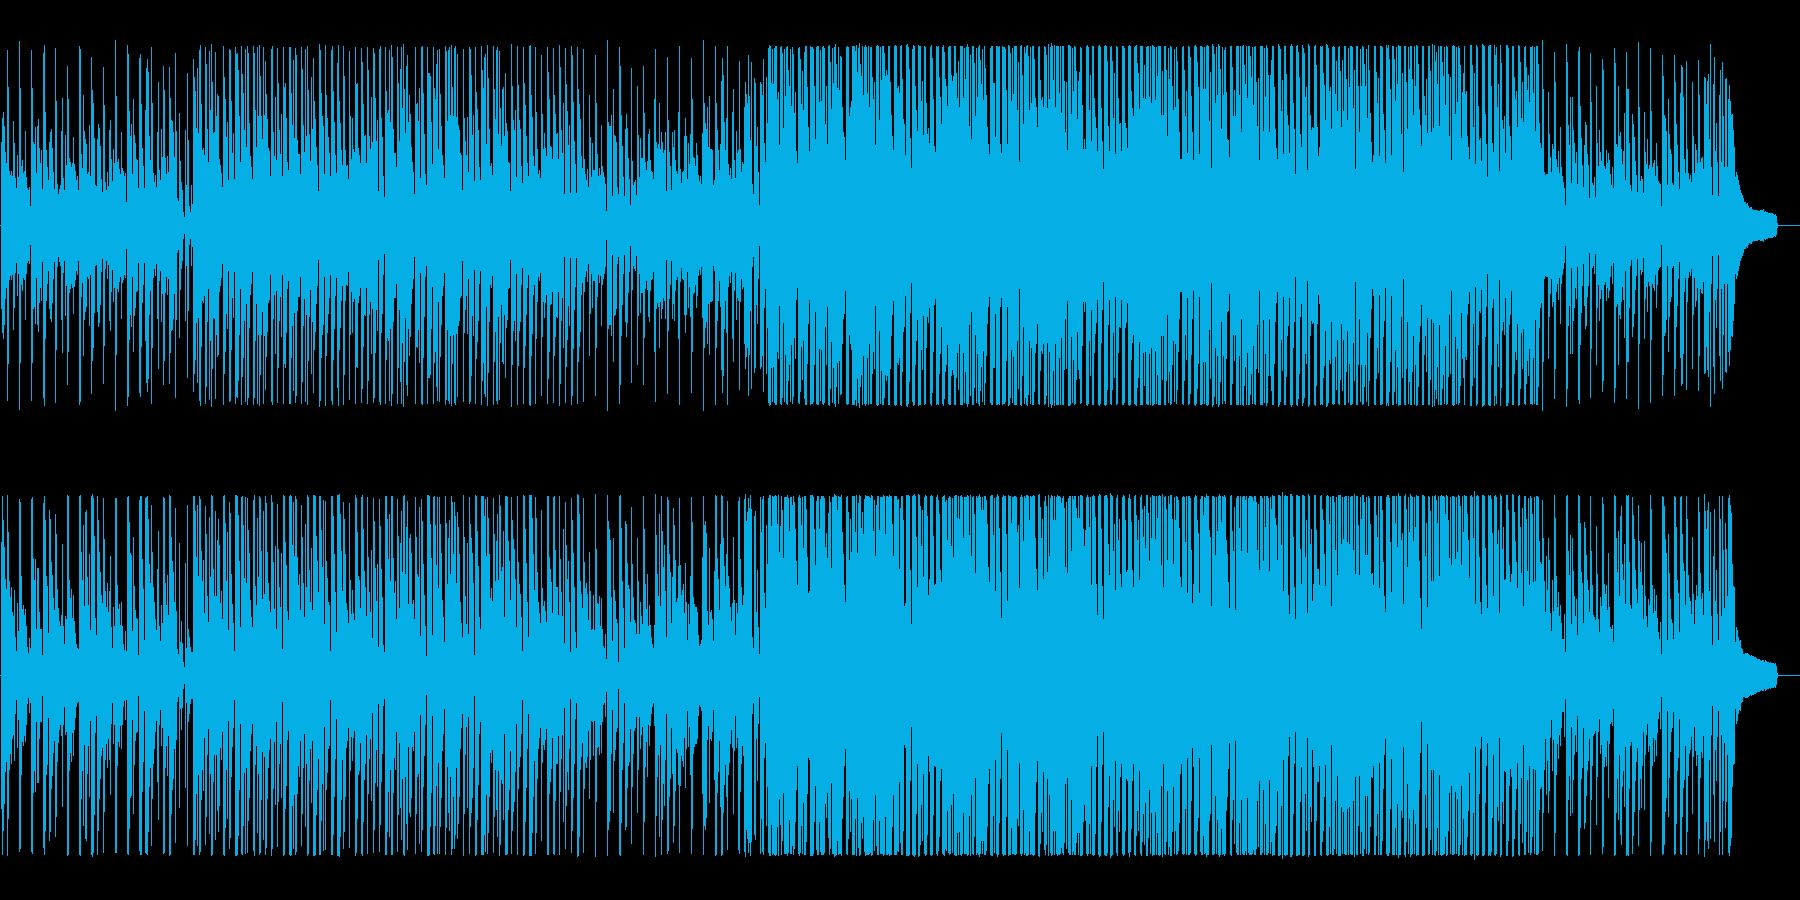 ハッピー&ポップなアコースティックBGMの再生済みの波形